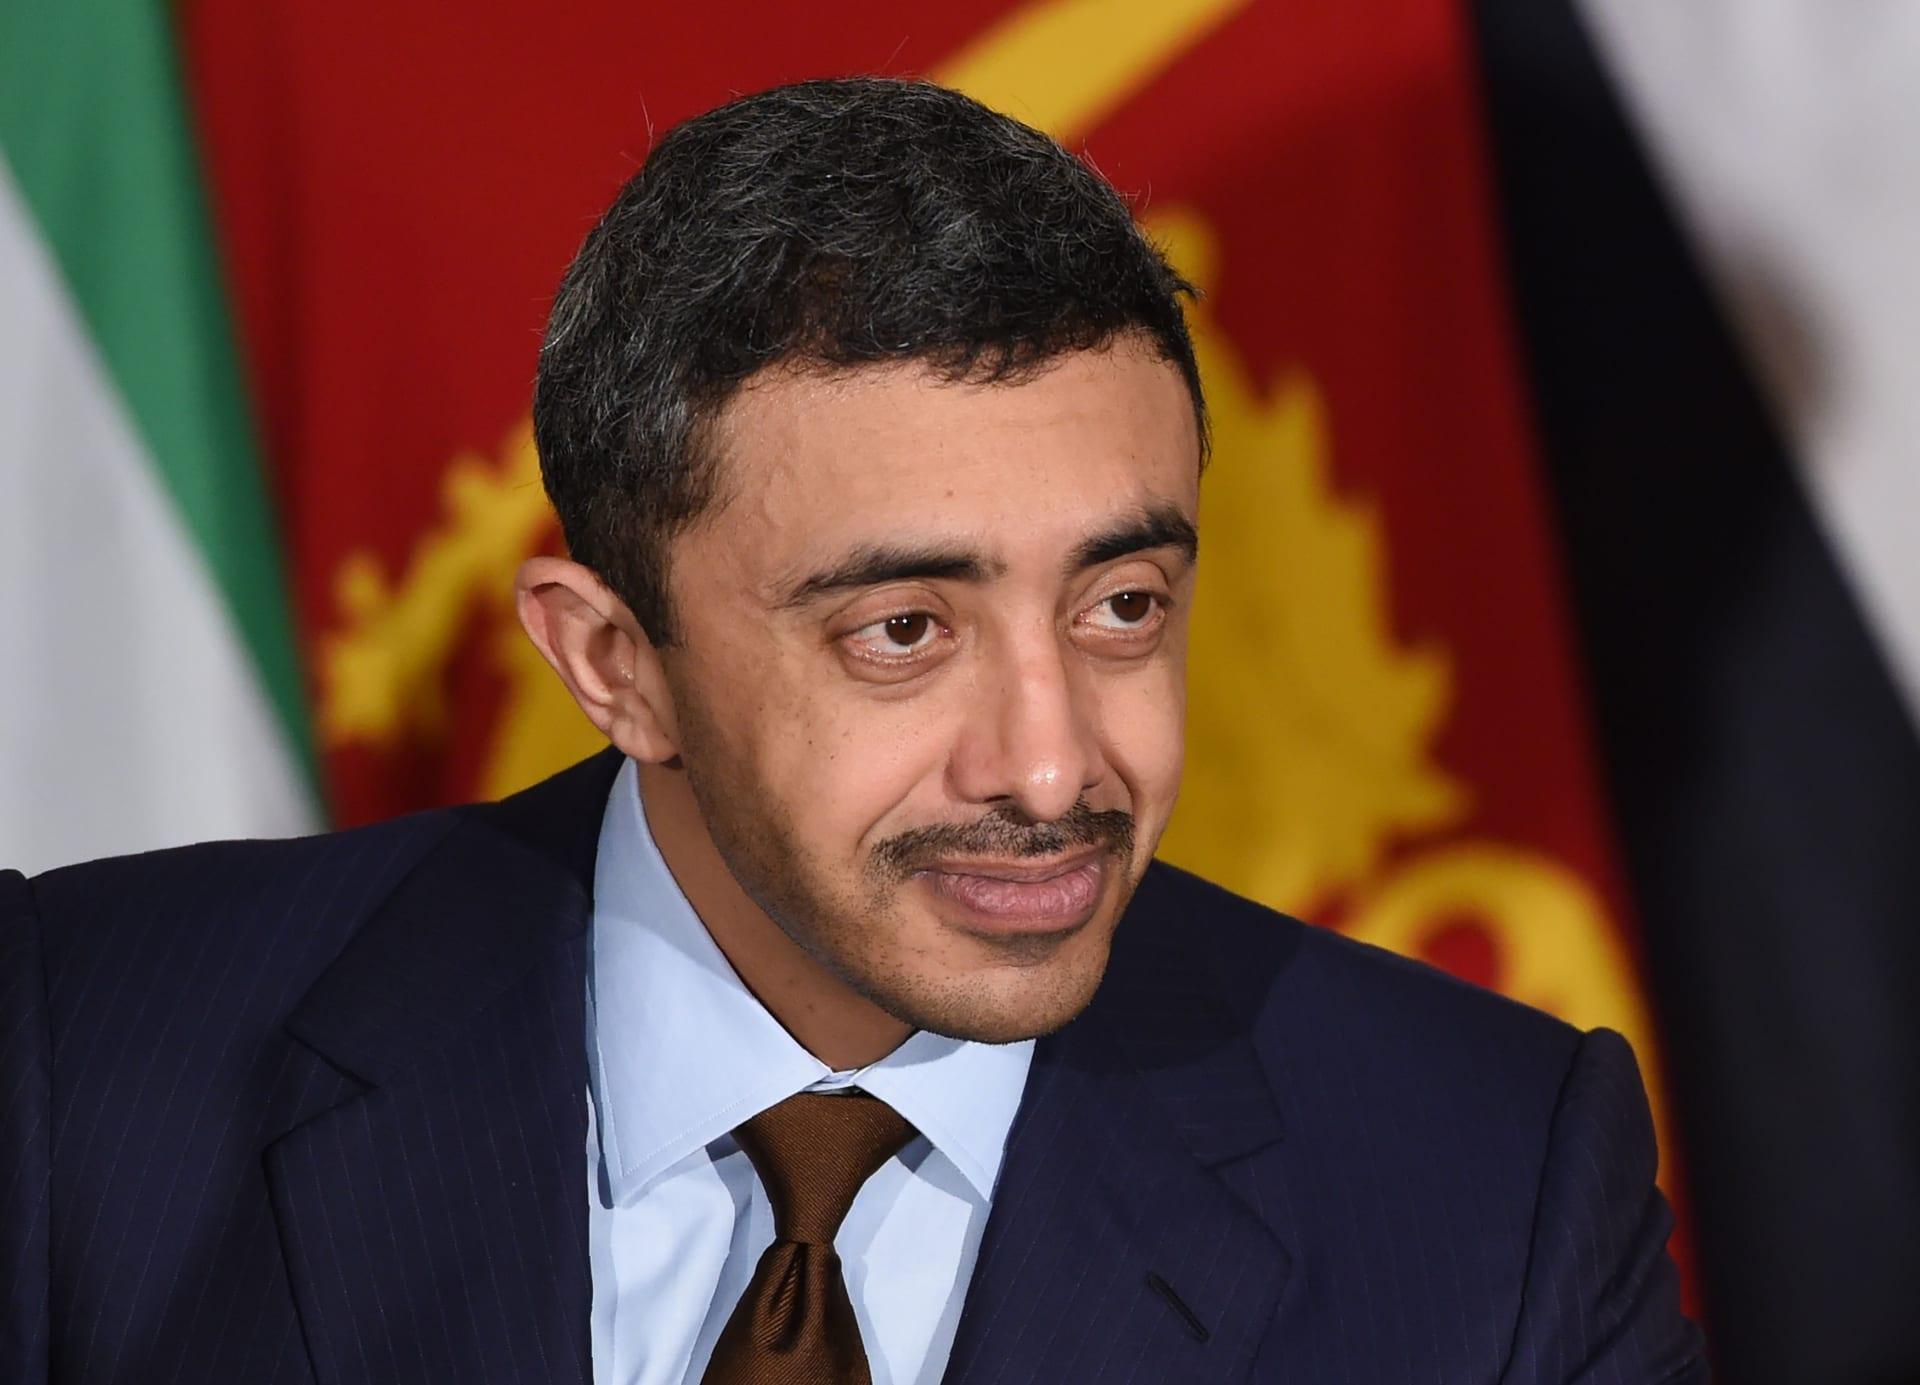 اتصال مرئي بين وزيري خارجية الإمارات وإيران.. فما القضايا التي بحثاها؟